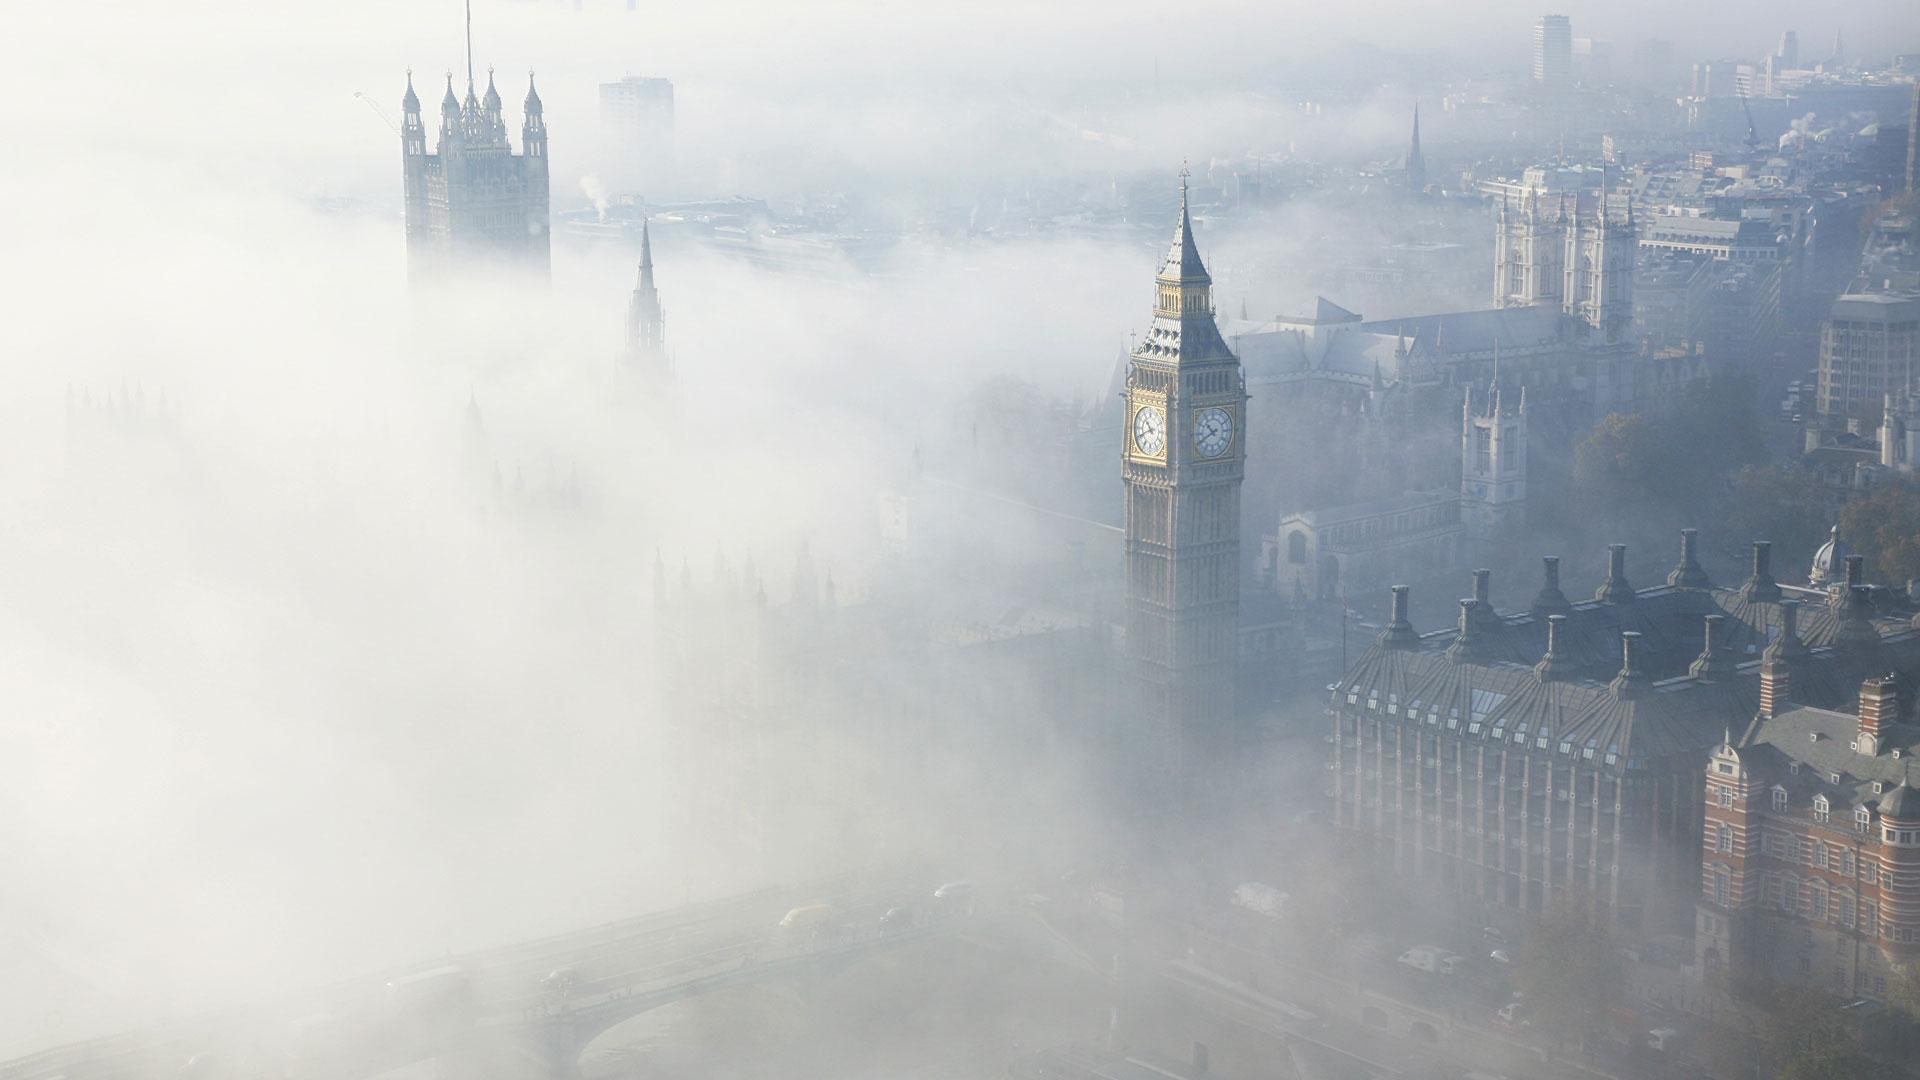 Widok na Londyn we mgle